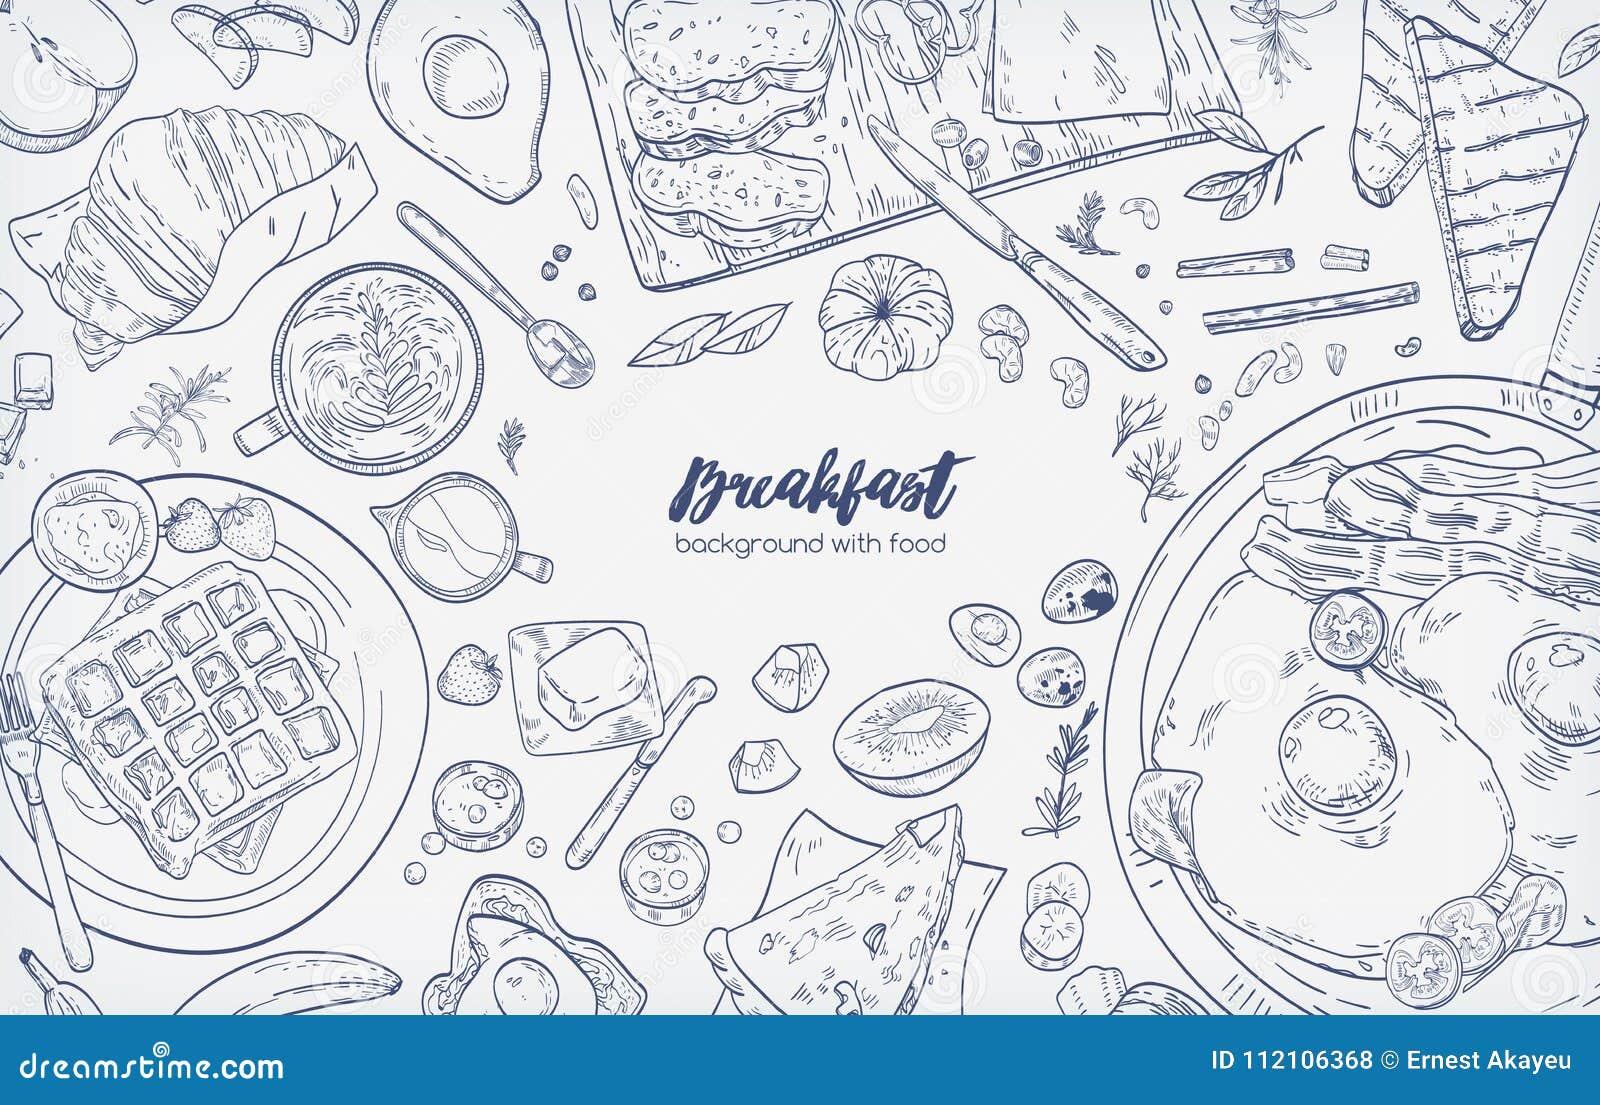 Monochromatyczny horyzontalny sztandar z różnorodnymi zdrowymi ranków karmowymi i śniadaniowymi posiłkami wręcza patroszonego z k